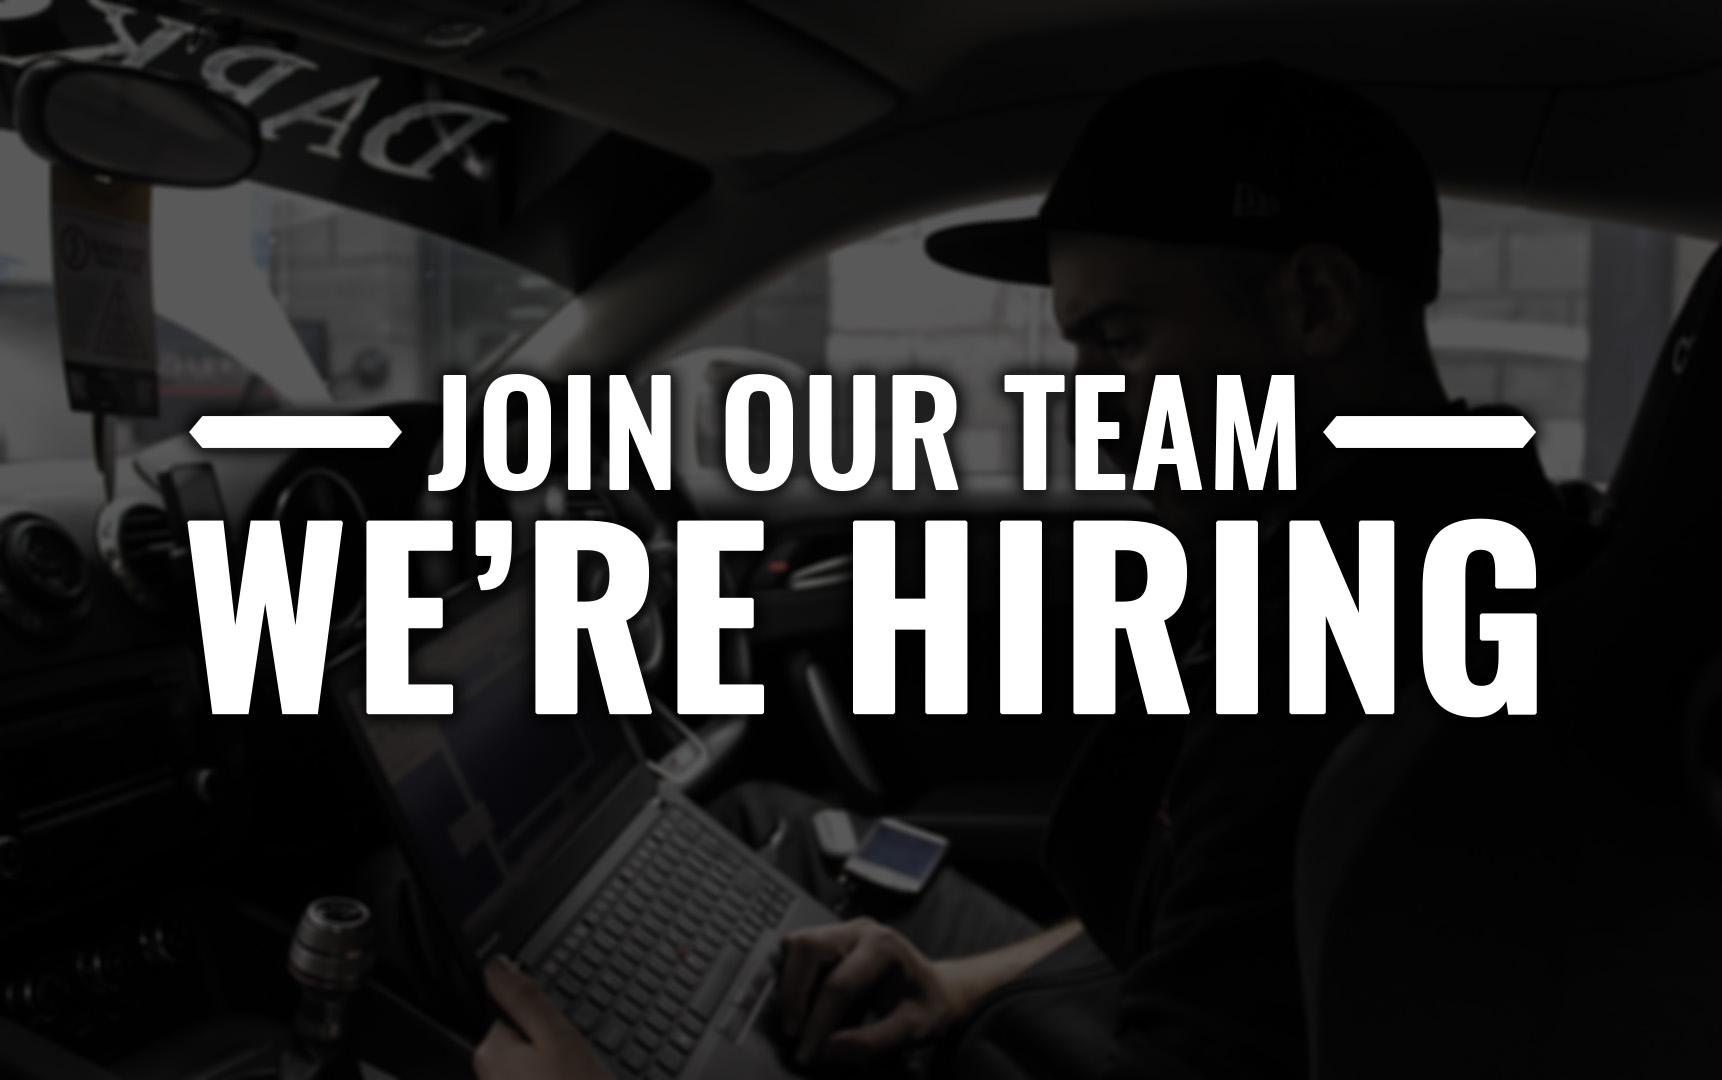 were-hiring.jpg